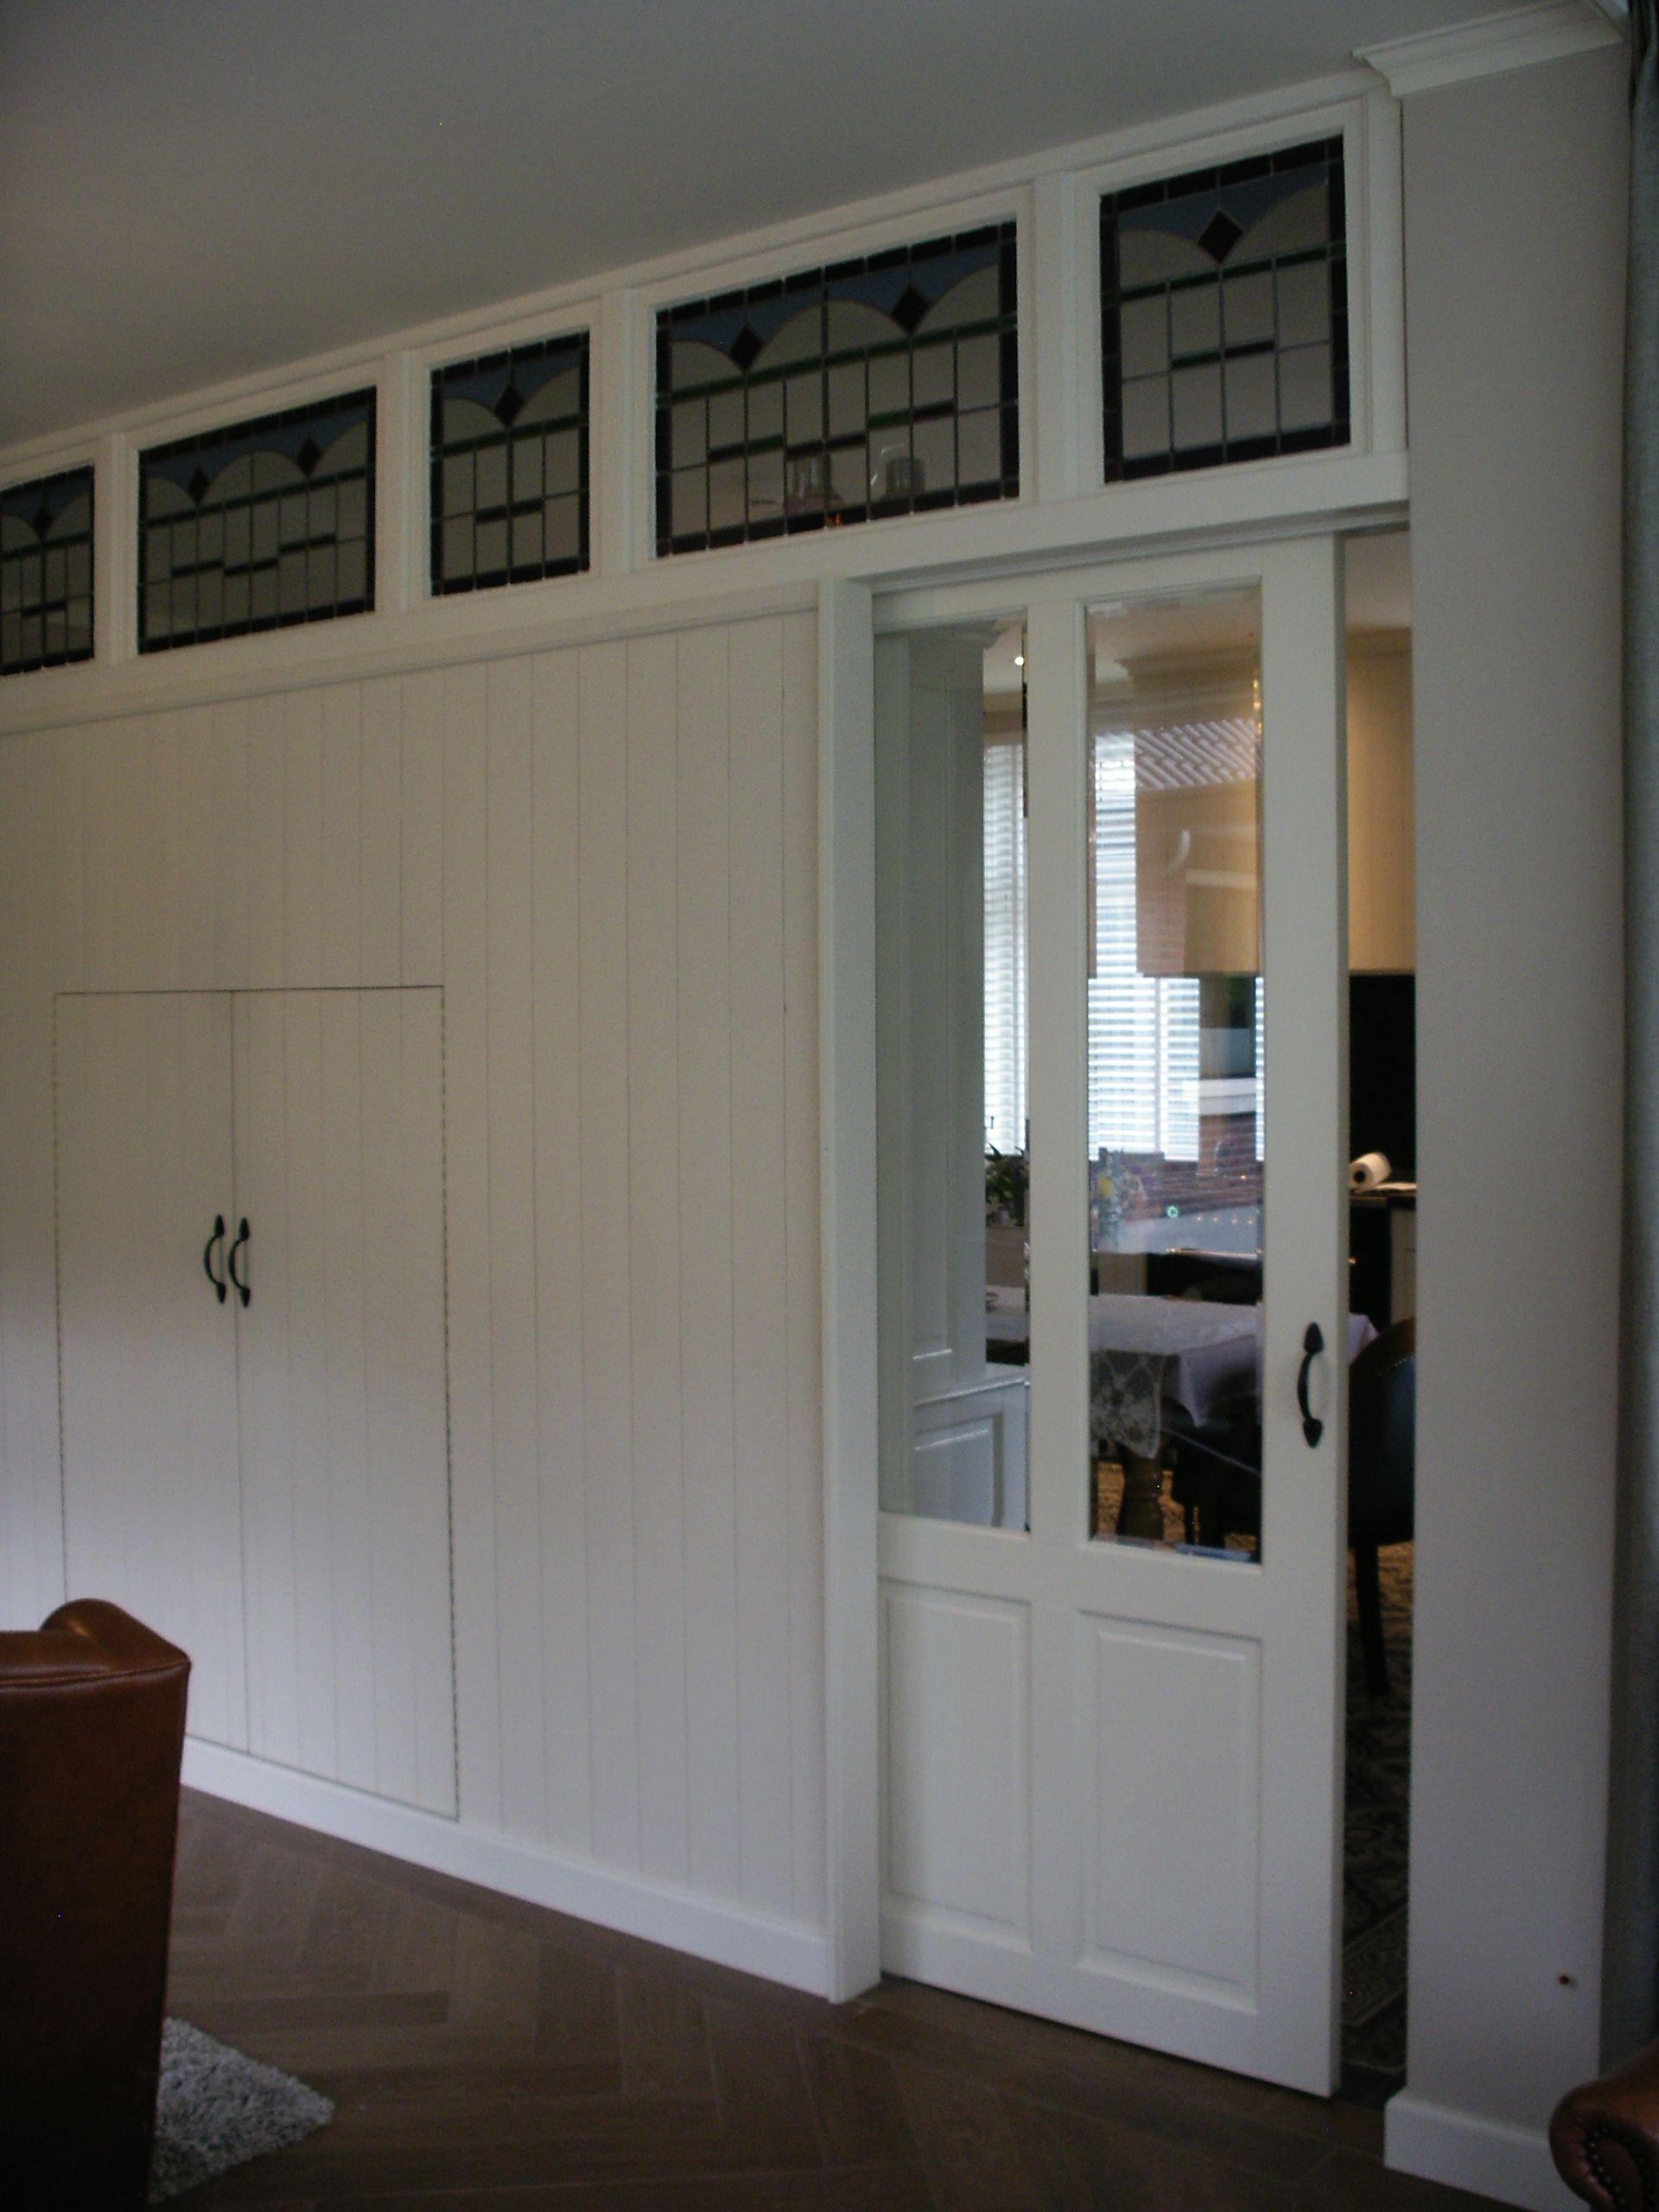 Schuifdeur Inbouwen In Muur.De Wand Tussen De Zitkamer En De Keuken Met De Glas In Lood Raampjes